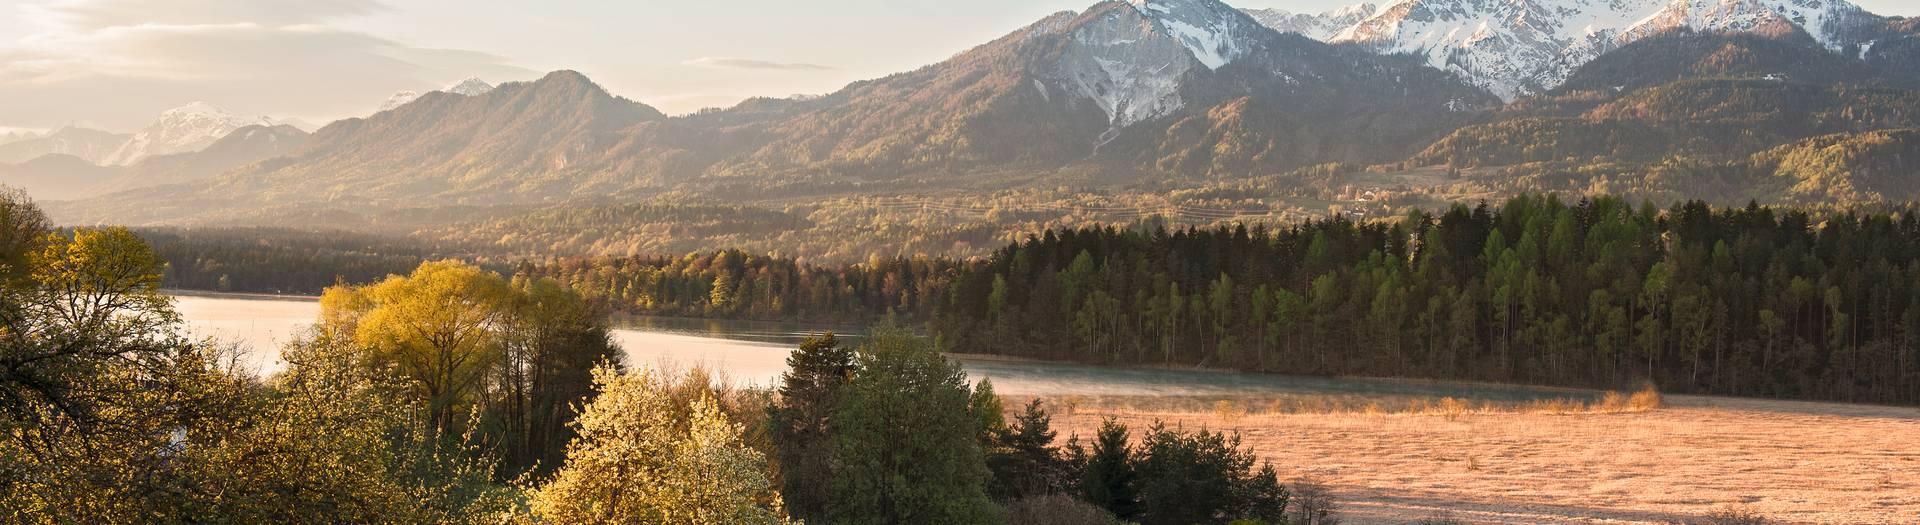 Faaker See mit Blick auf den Mittagskogel